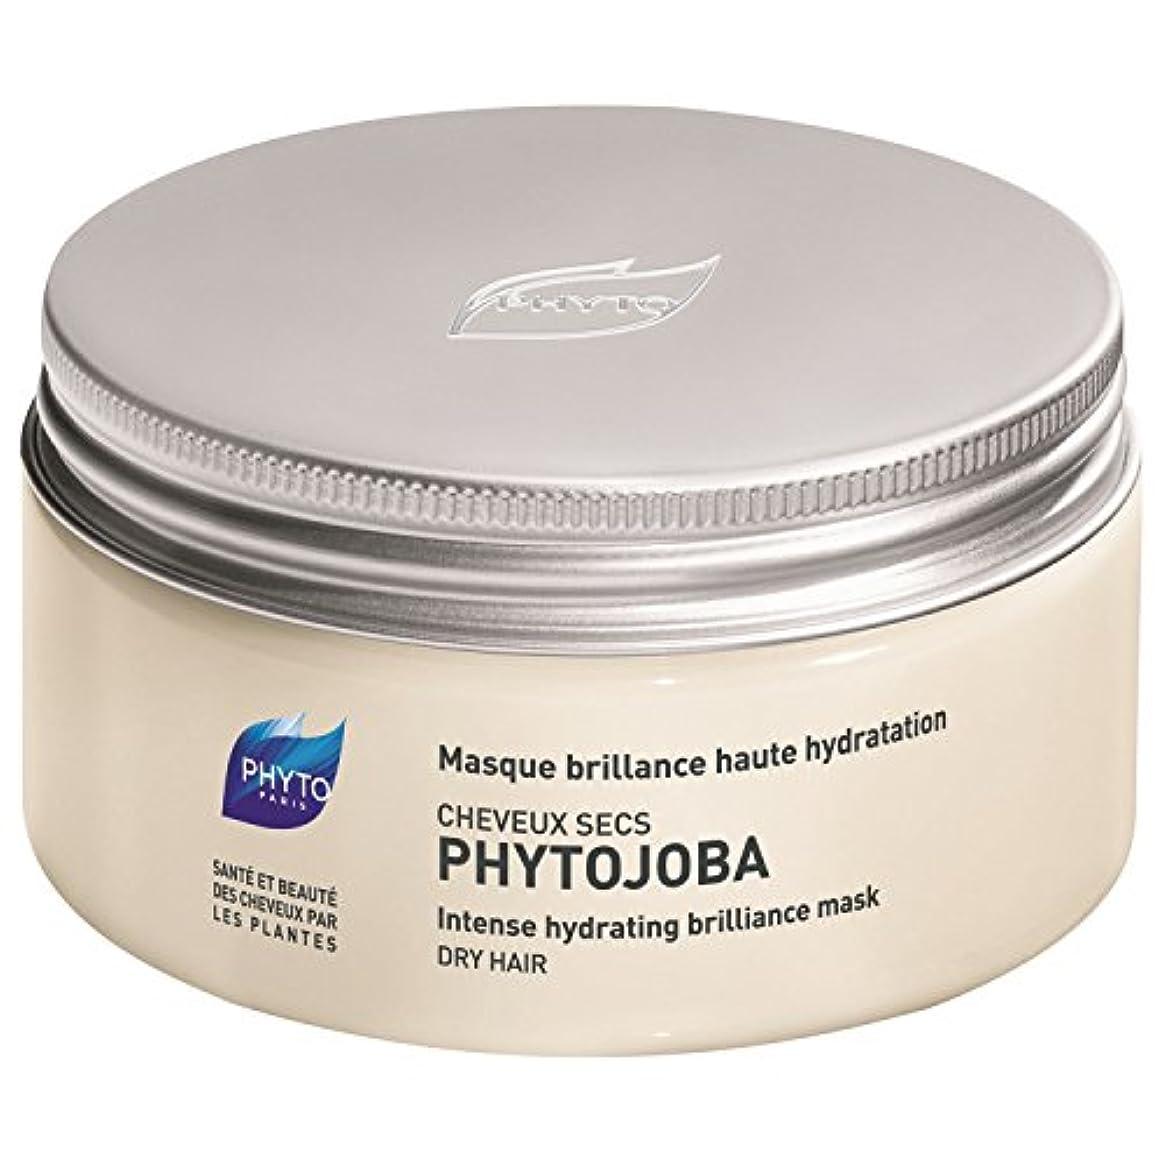 計り知れない愚かな鋭くフィトPhytojoba強烈な水分補給マスク200ミリリットル (Phyto) (x6) - Phyto Phytojoba Intense Hydrating Mask 200ml (Pack of 6) [並行輸入品]